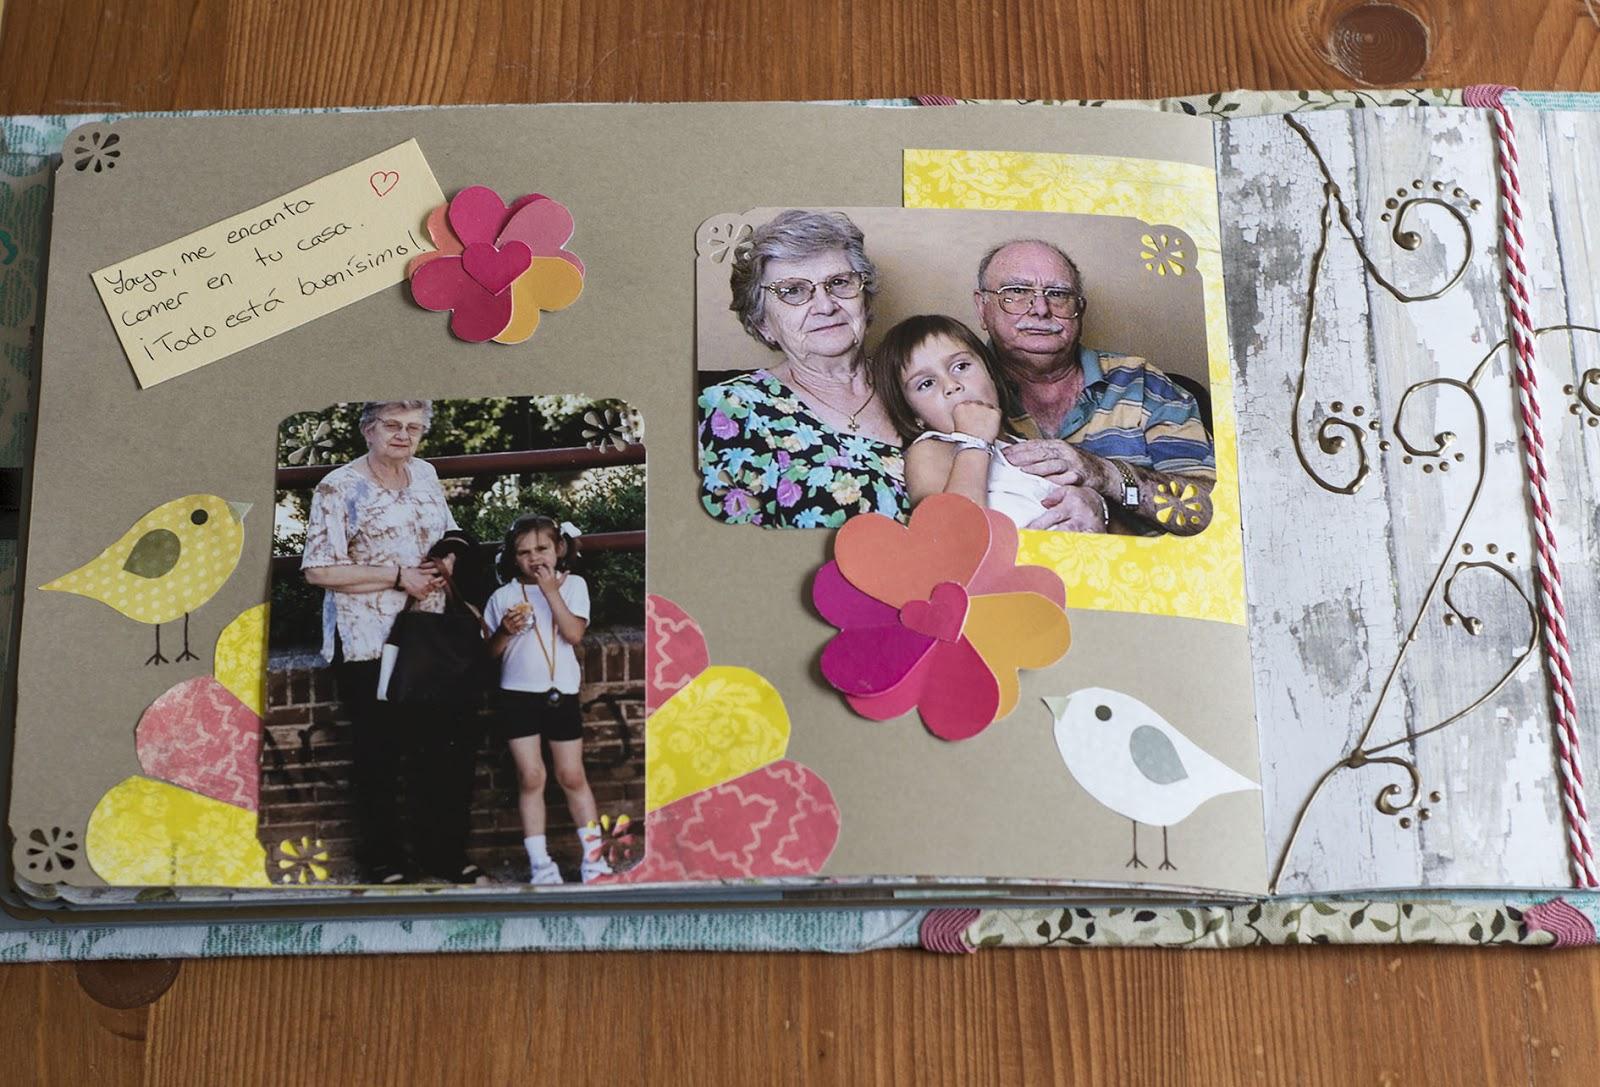 Az car galletas y muchas cosas bonitas el lbum para mi - Decorar album de fotos ...